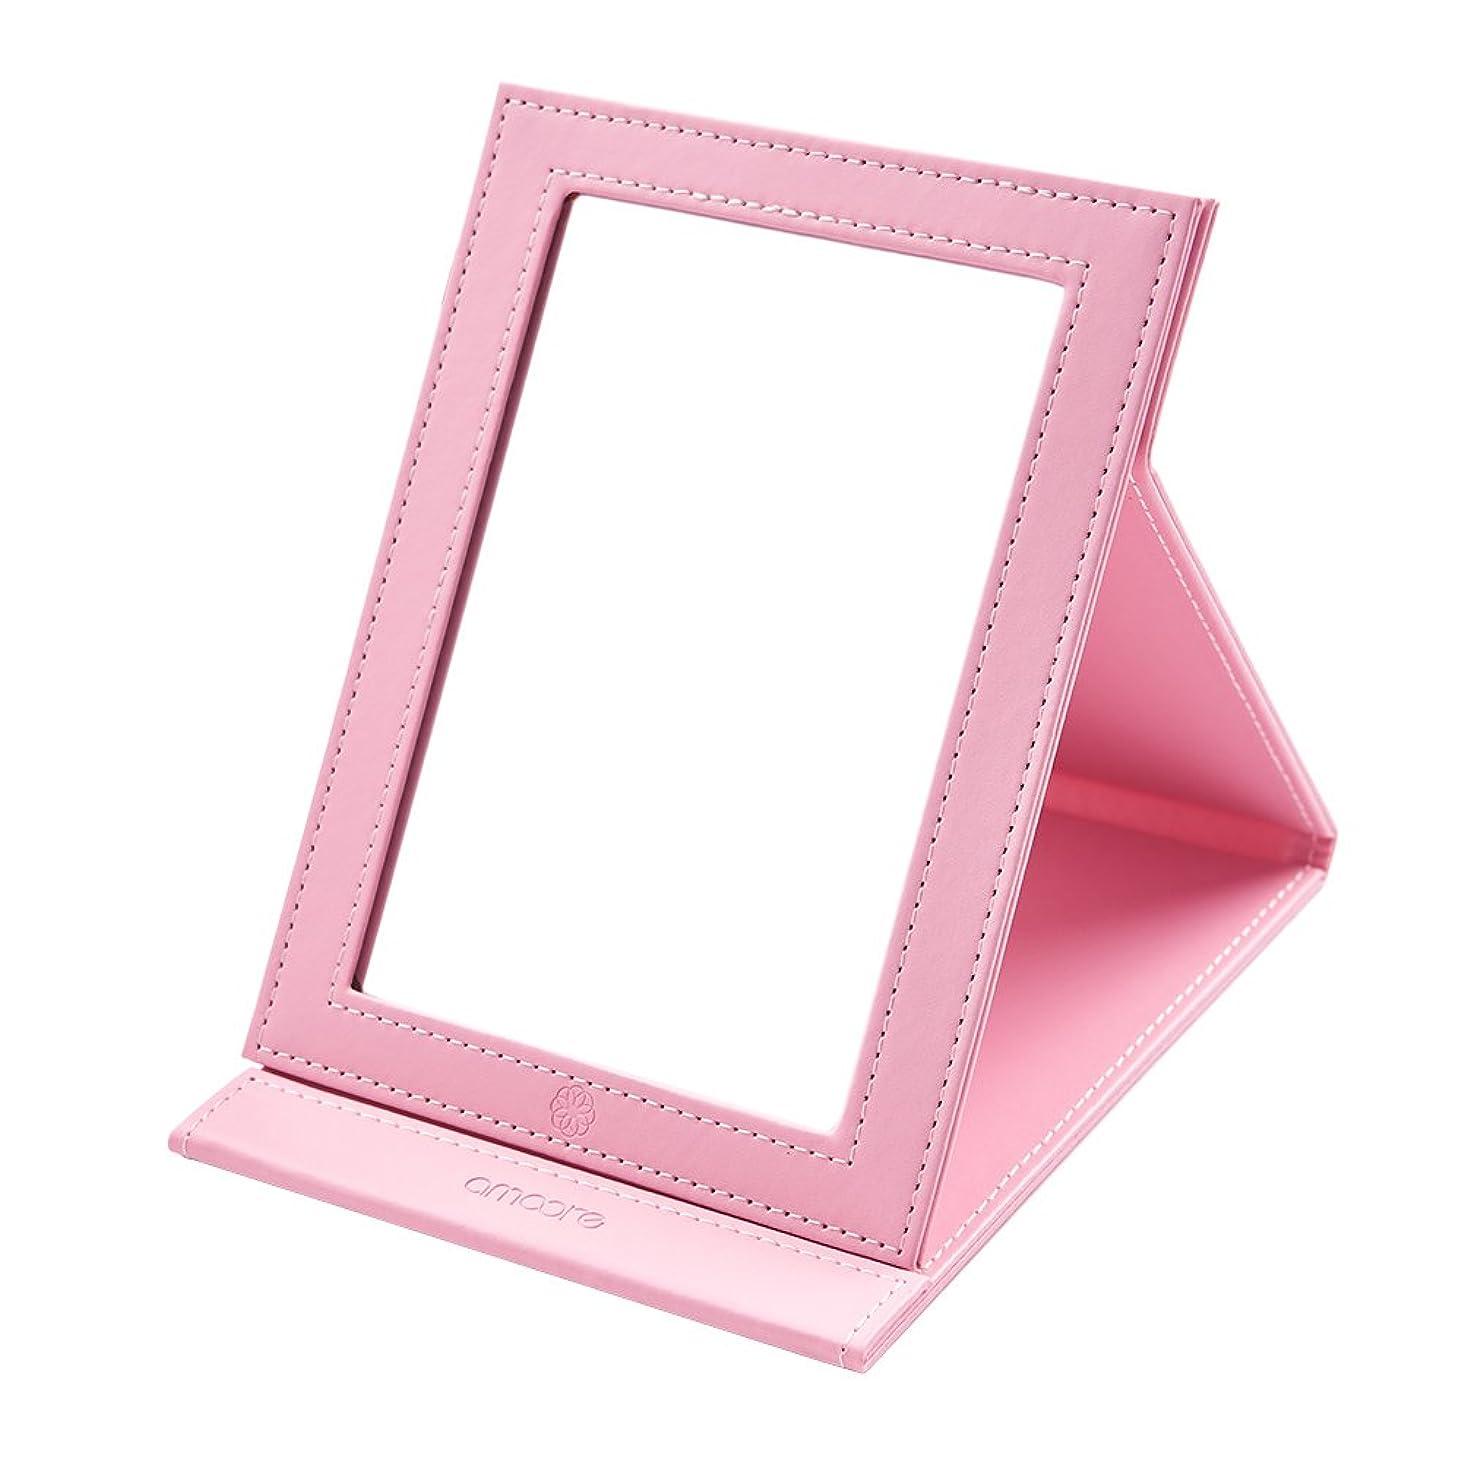 嫌な服を着る効能あるamoore 化粧鏡 卓上スタンドミラー 折りたたみミラー 角度調整 上質PUレザー使用 (ビッグ, ピンク)